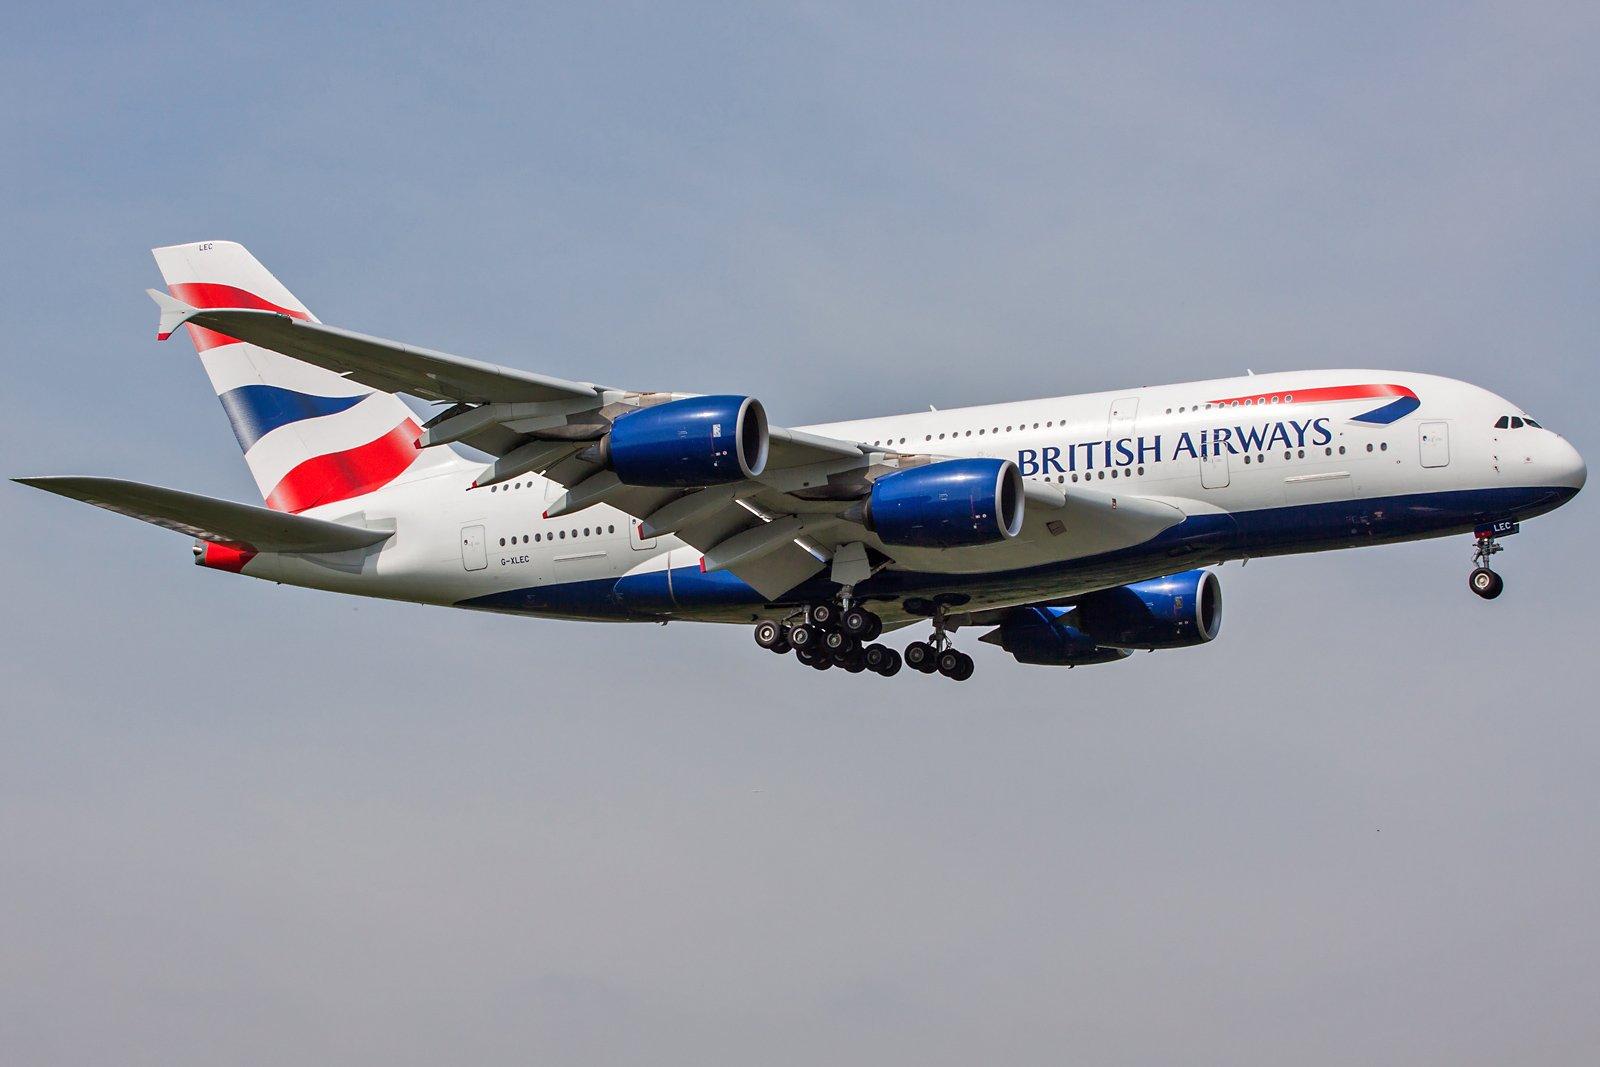 British Airways Airbus A380-841 G-XLEC